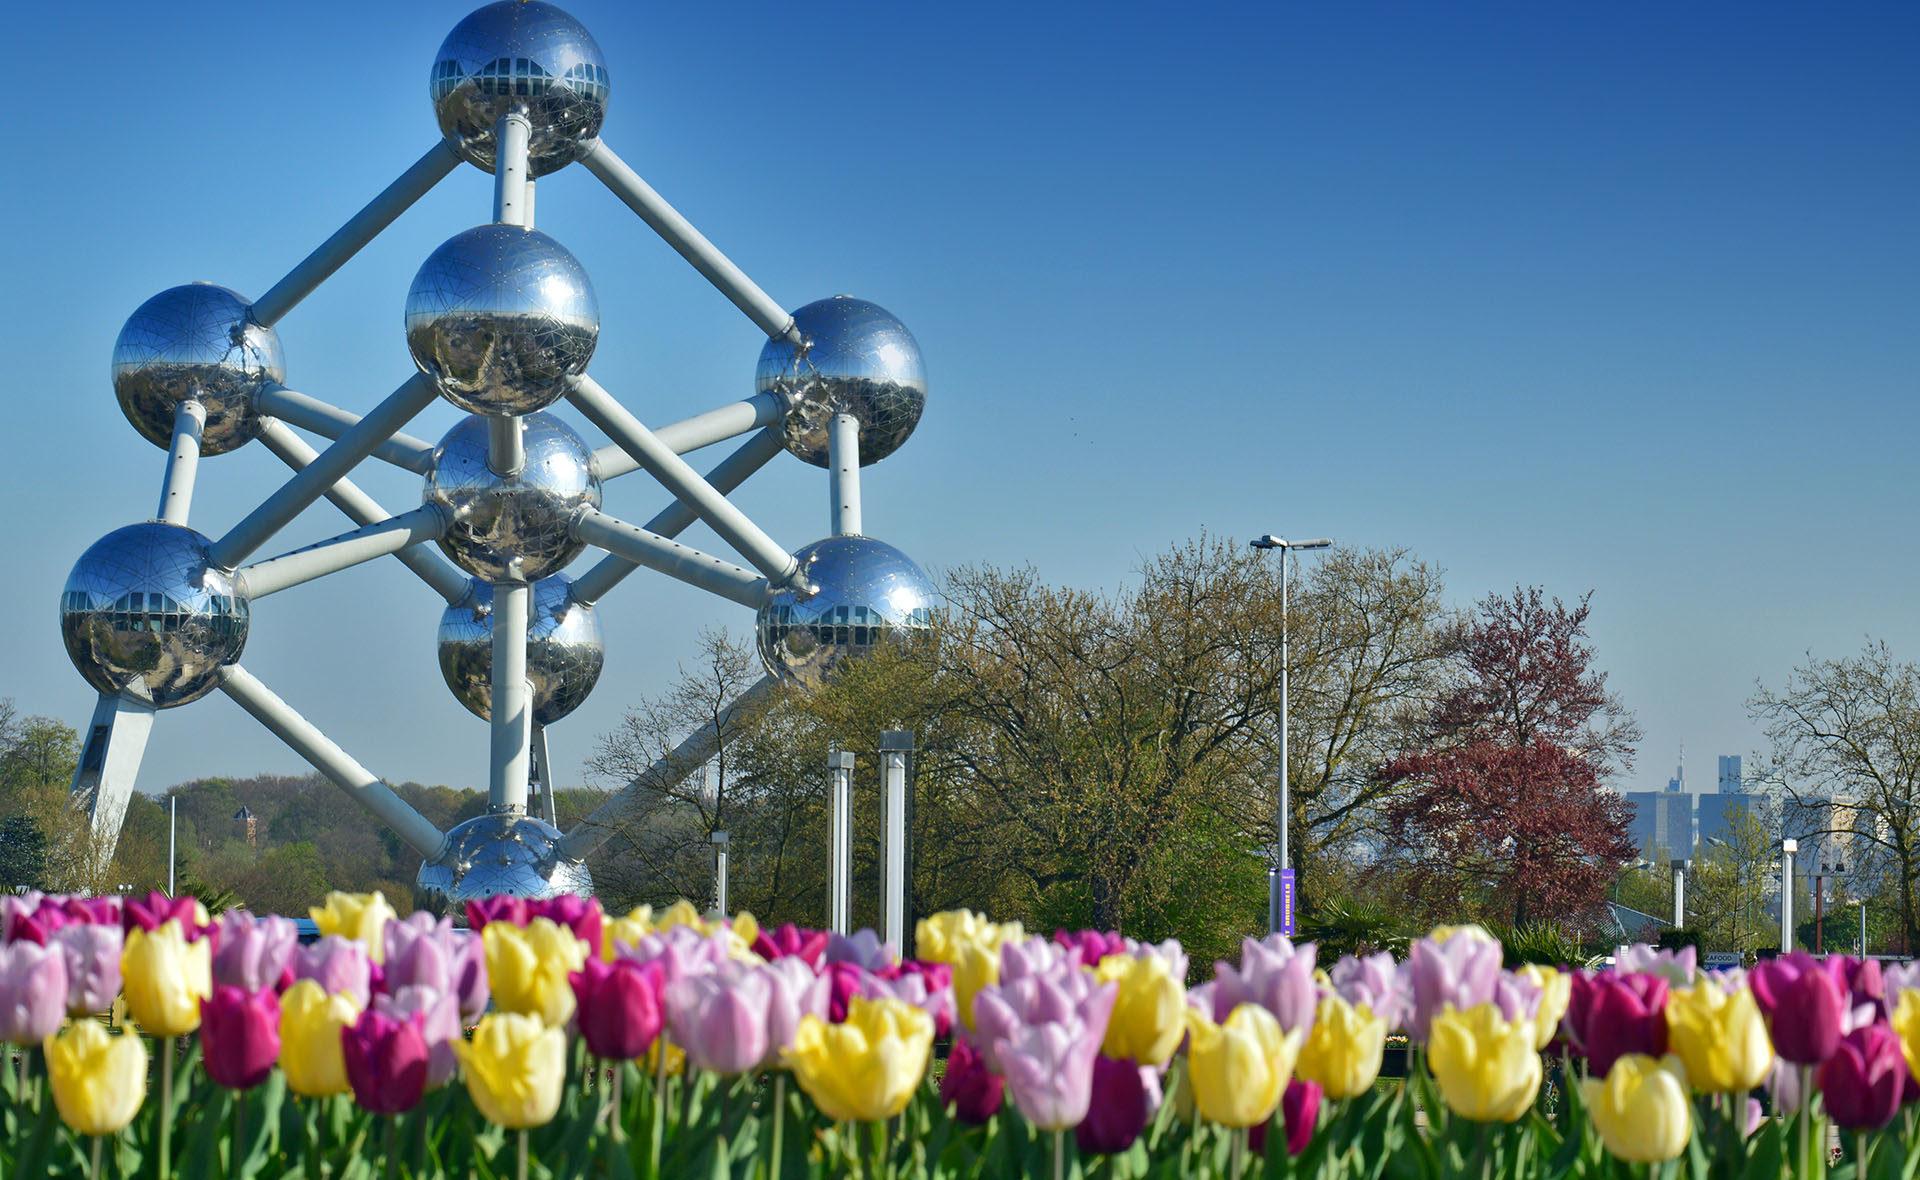 Fotografía de Bélgica, atomium, tulipanes, Bruselas, sostenibilidad, medioambiente, finanzas sostenibles